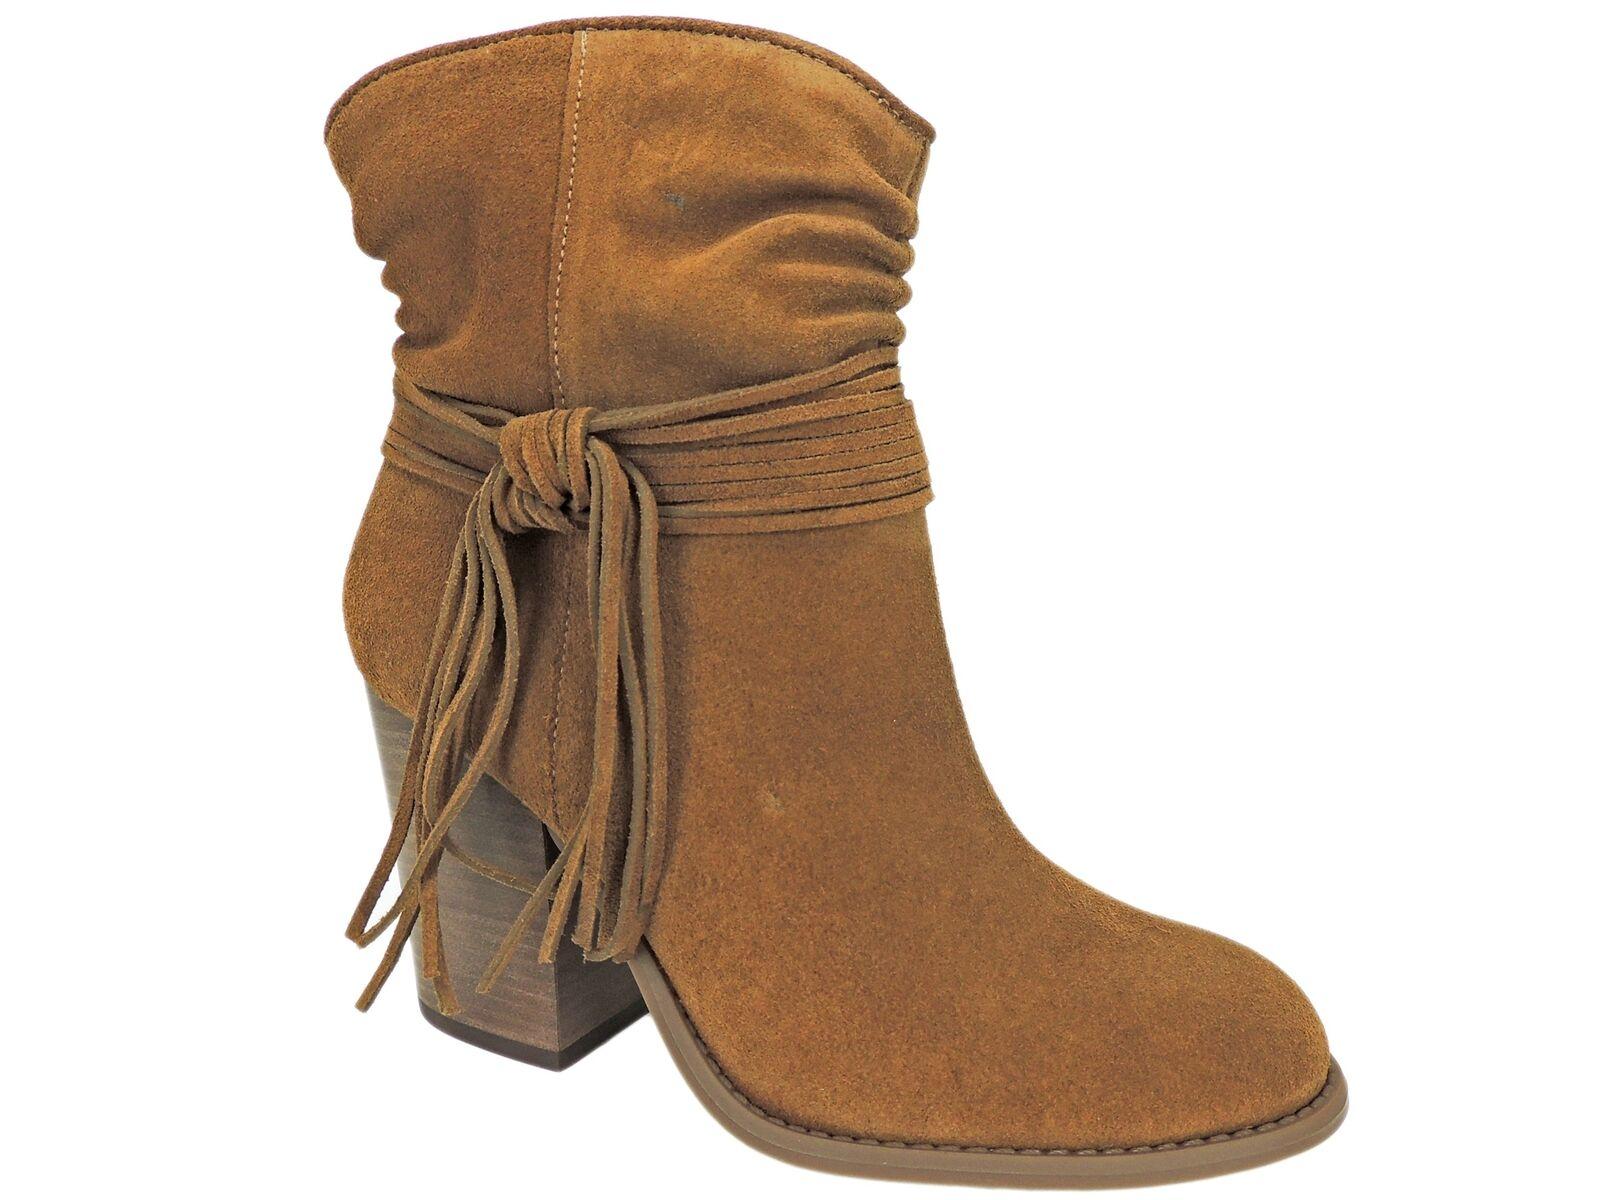 Jessica Simpson Mujer Sesley Bloque Bloque Bloque Talón Botines Canela marrón botas talla 6.5 M  conveniente